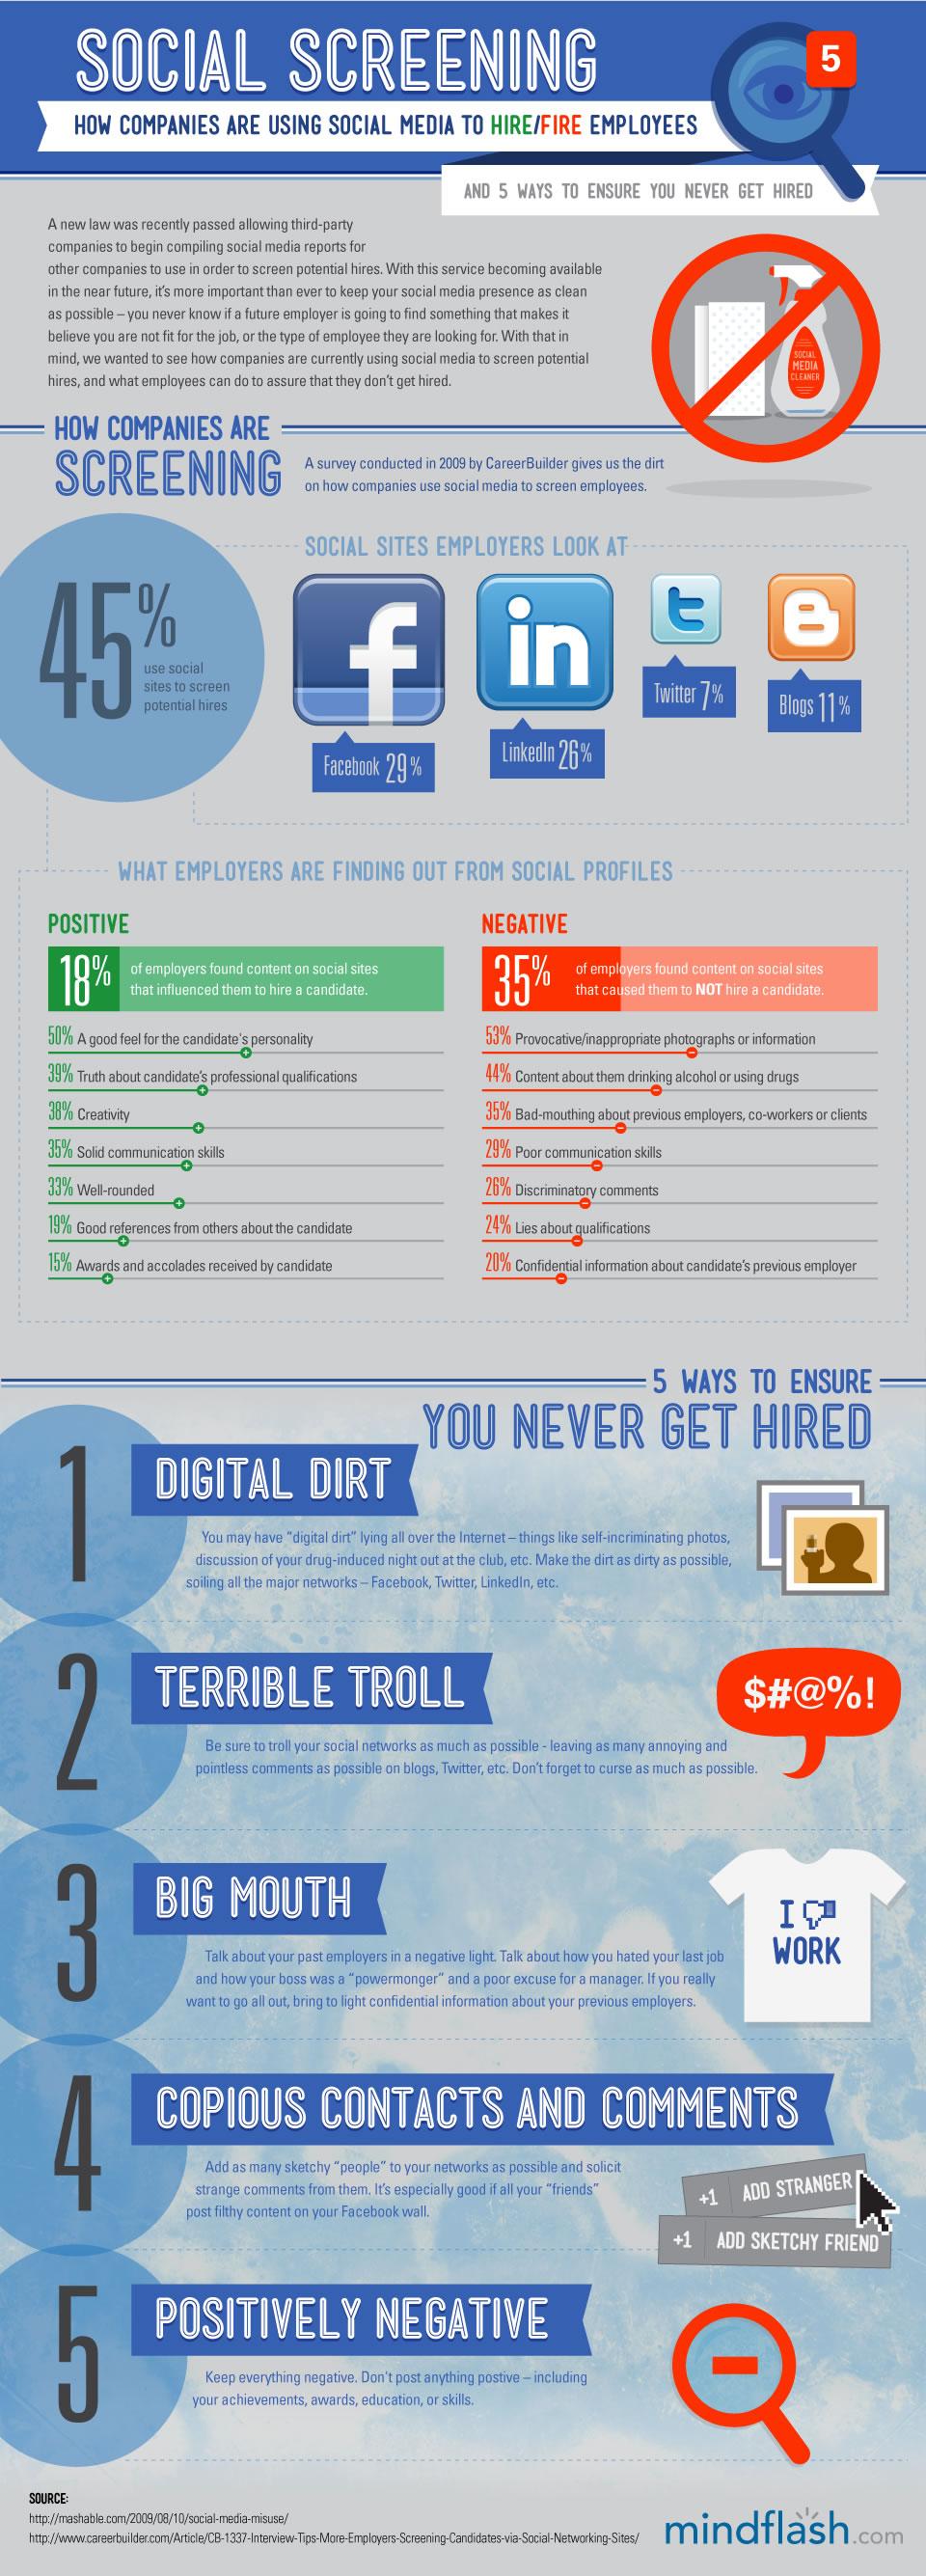 Social Media als Recruiting Tool